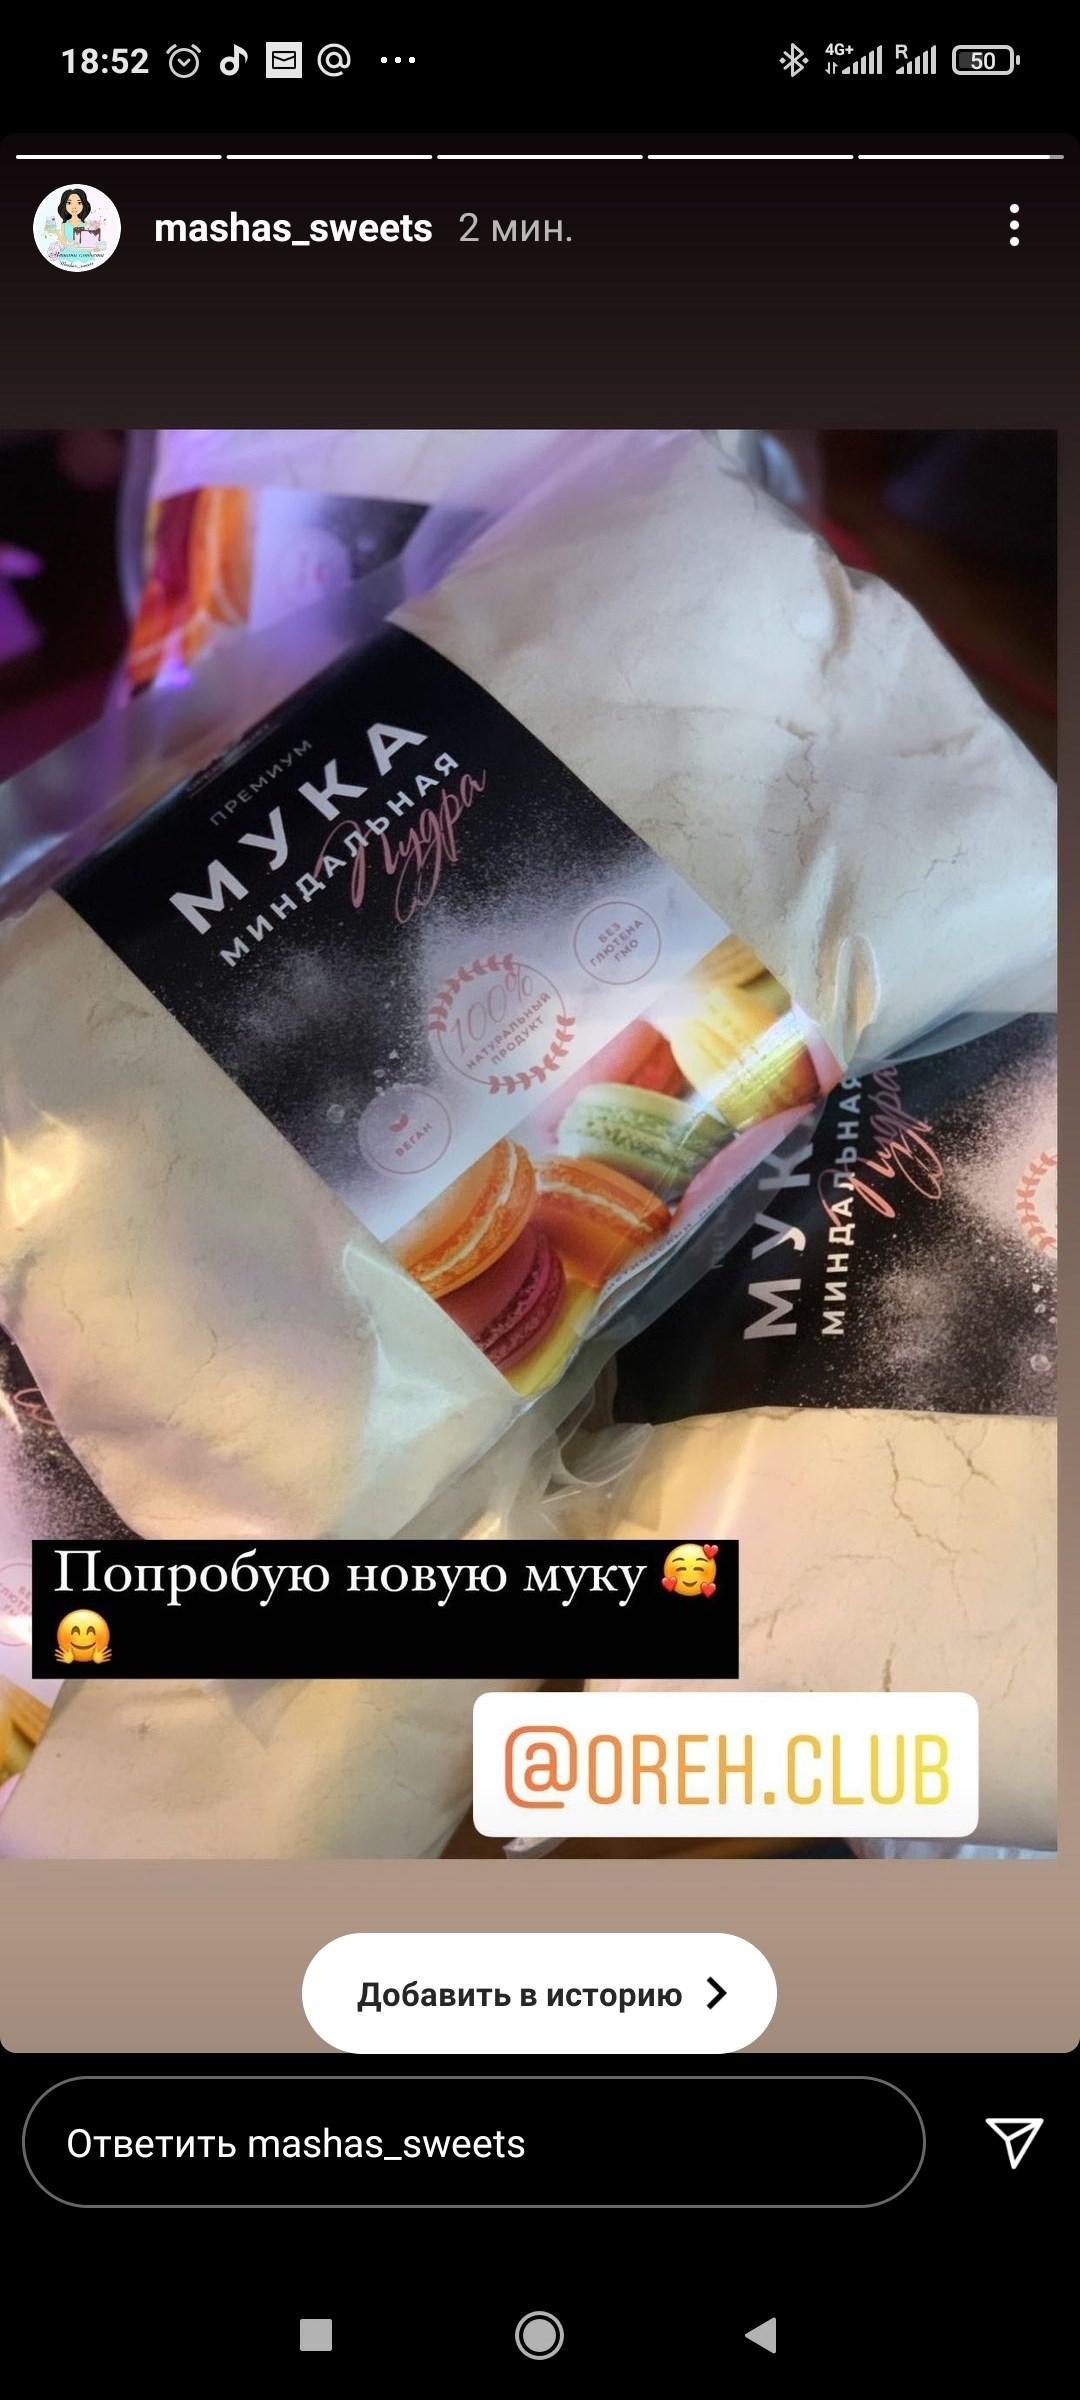 mashas_sweets